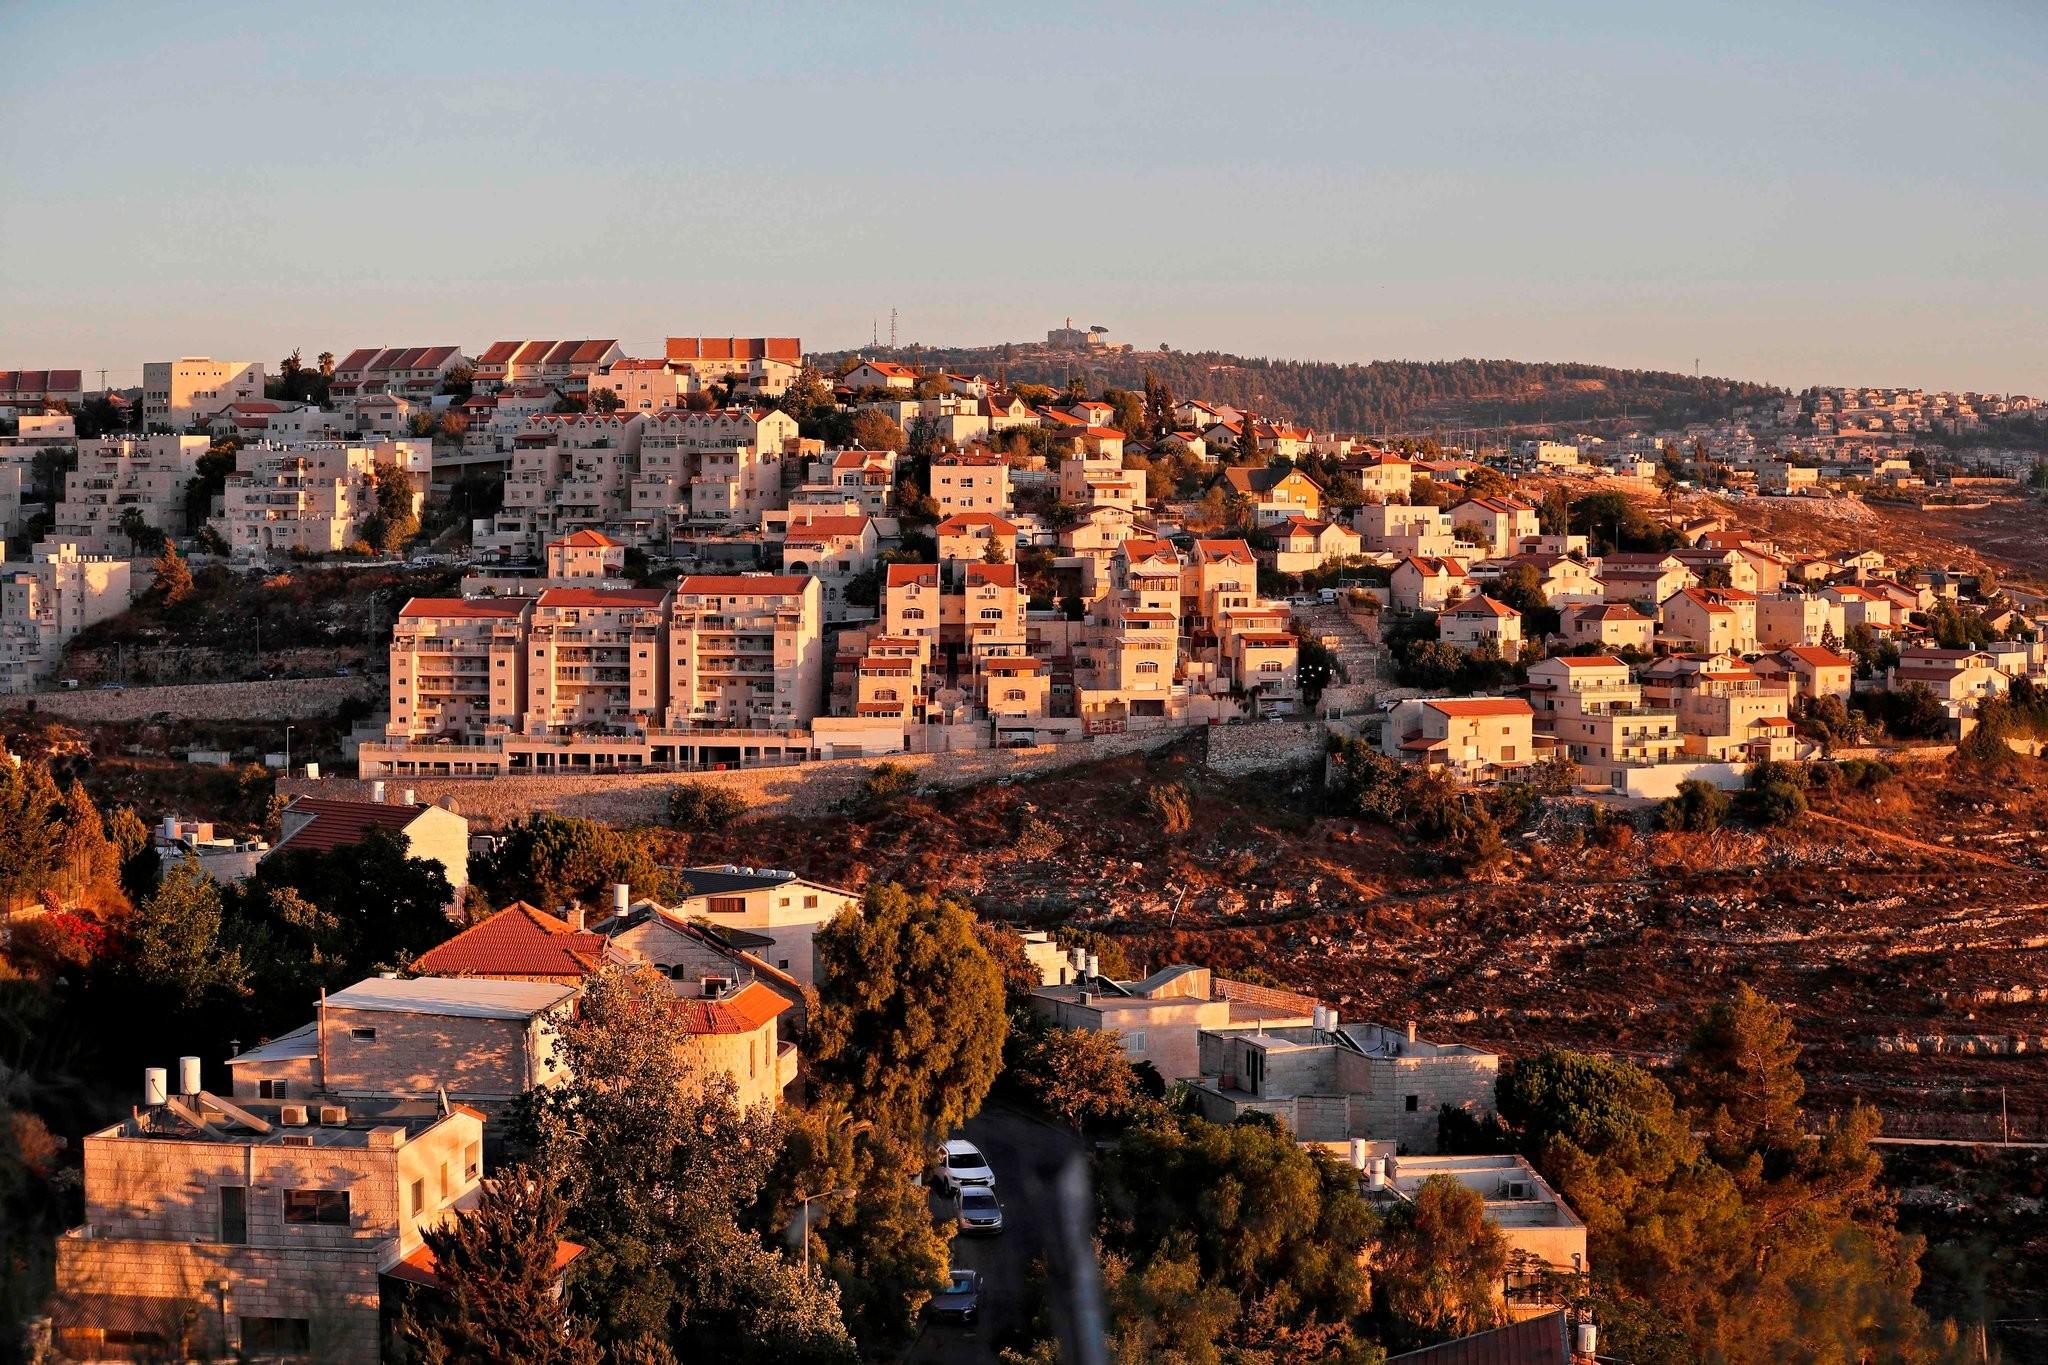 22 ألف وحدة استيطانية في الأراضي الفلسطينية خلال ثلاثة أعوام